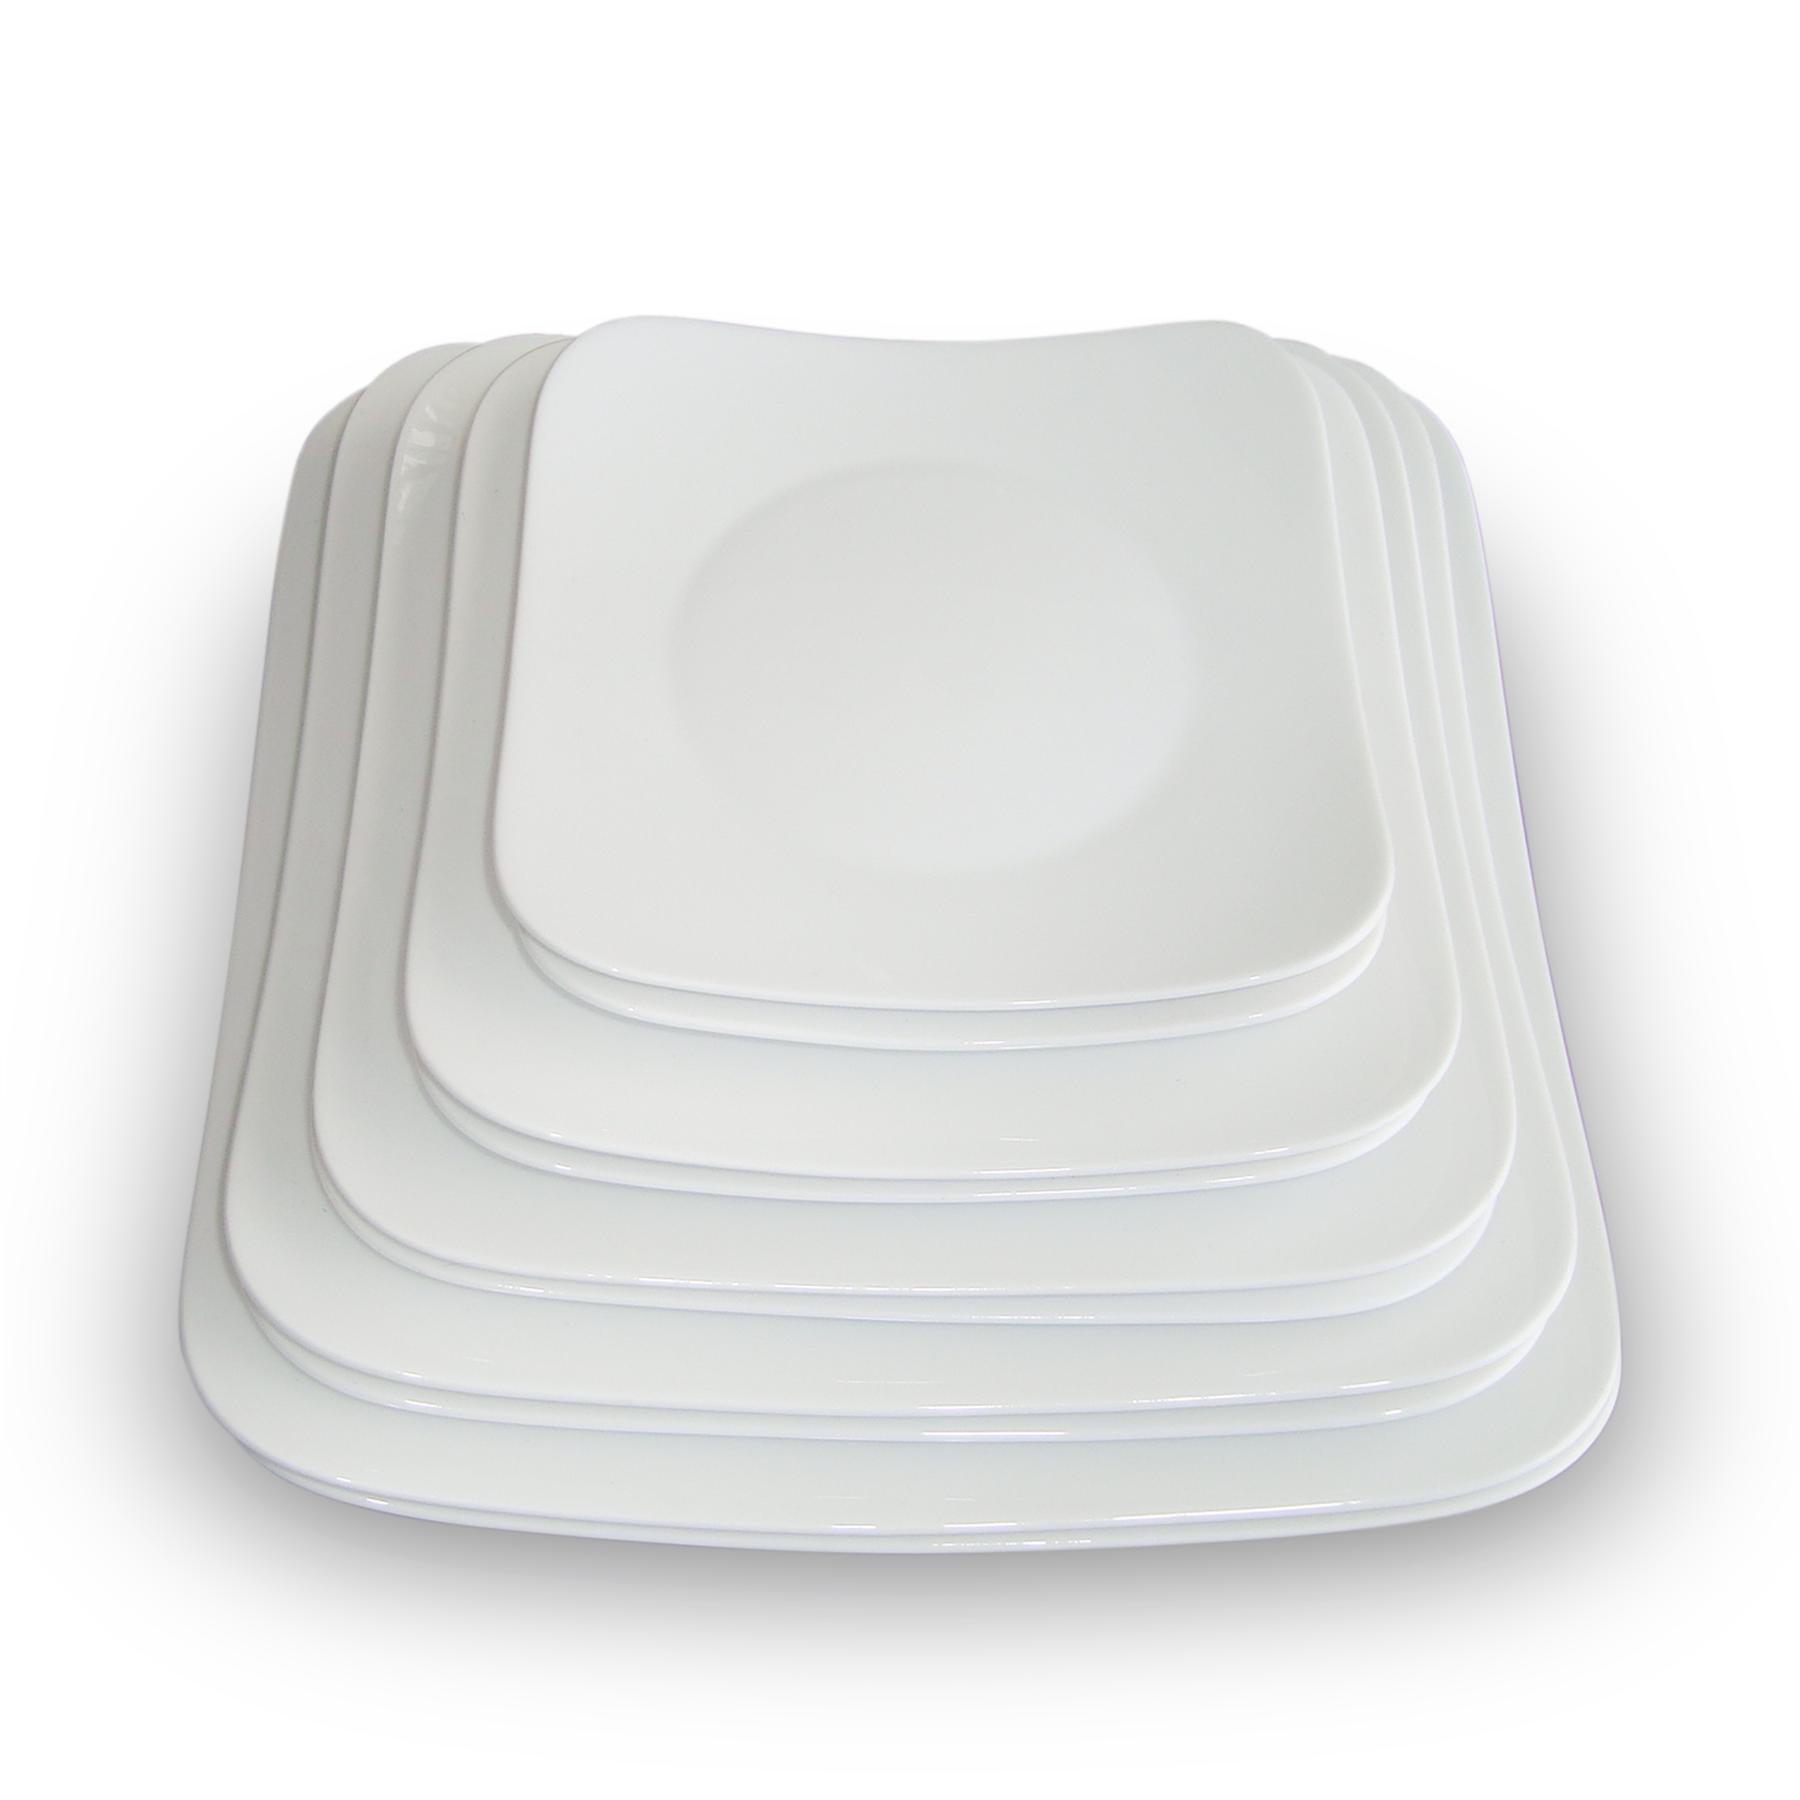 cung cấp chén dĩa nhà hàng giá rẻ 3